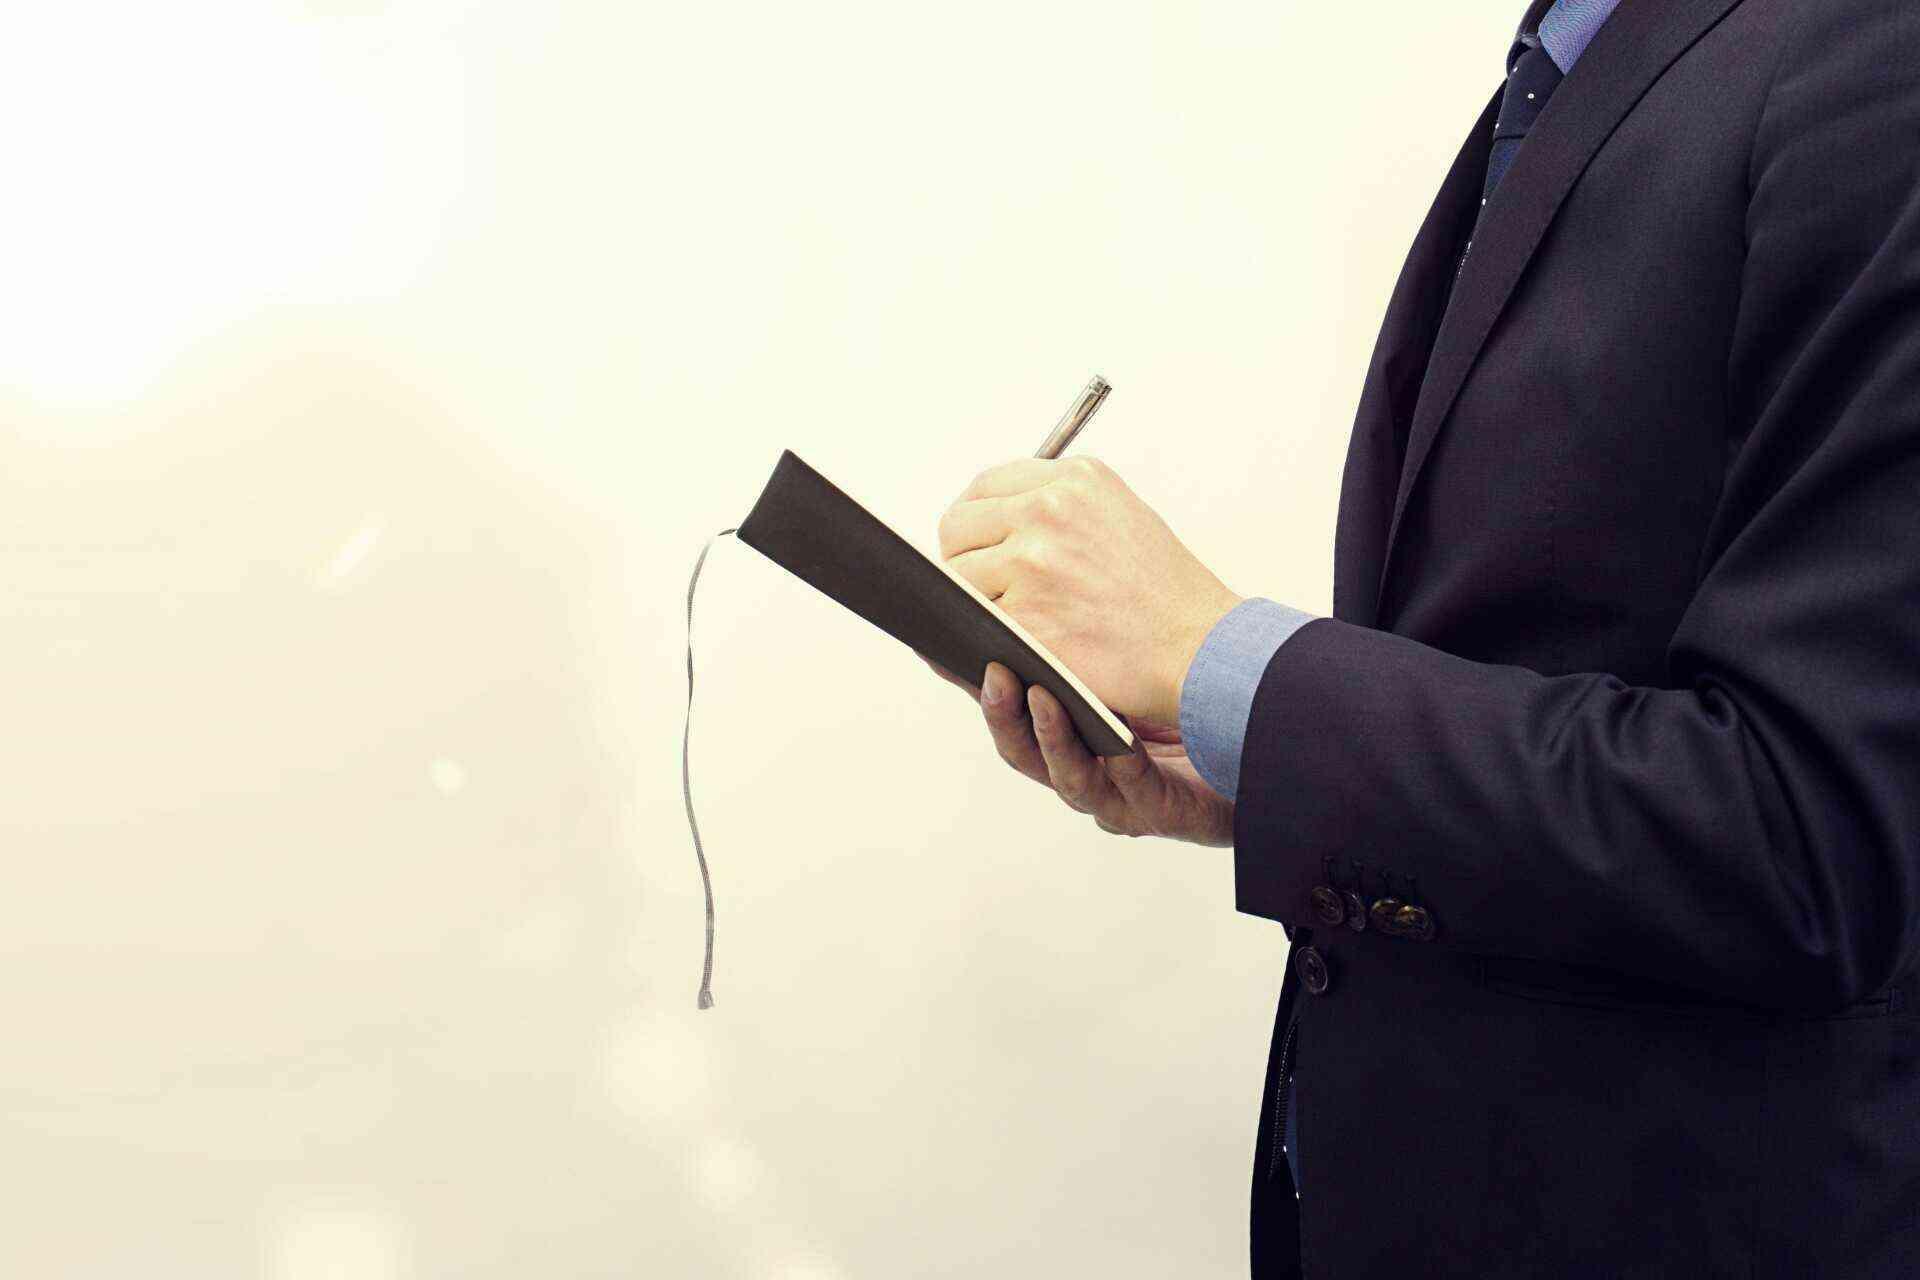 職務内容は業務・事業内容とどう違う?仕事を知り企業理解を深めよう!